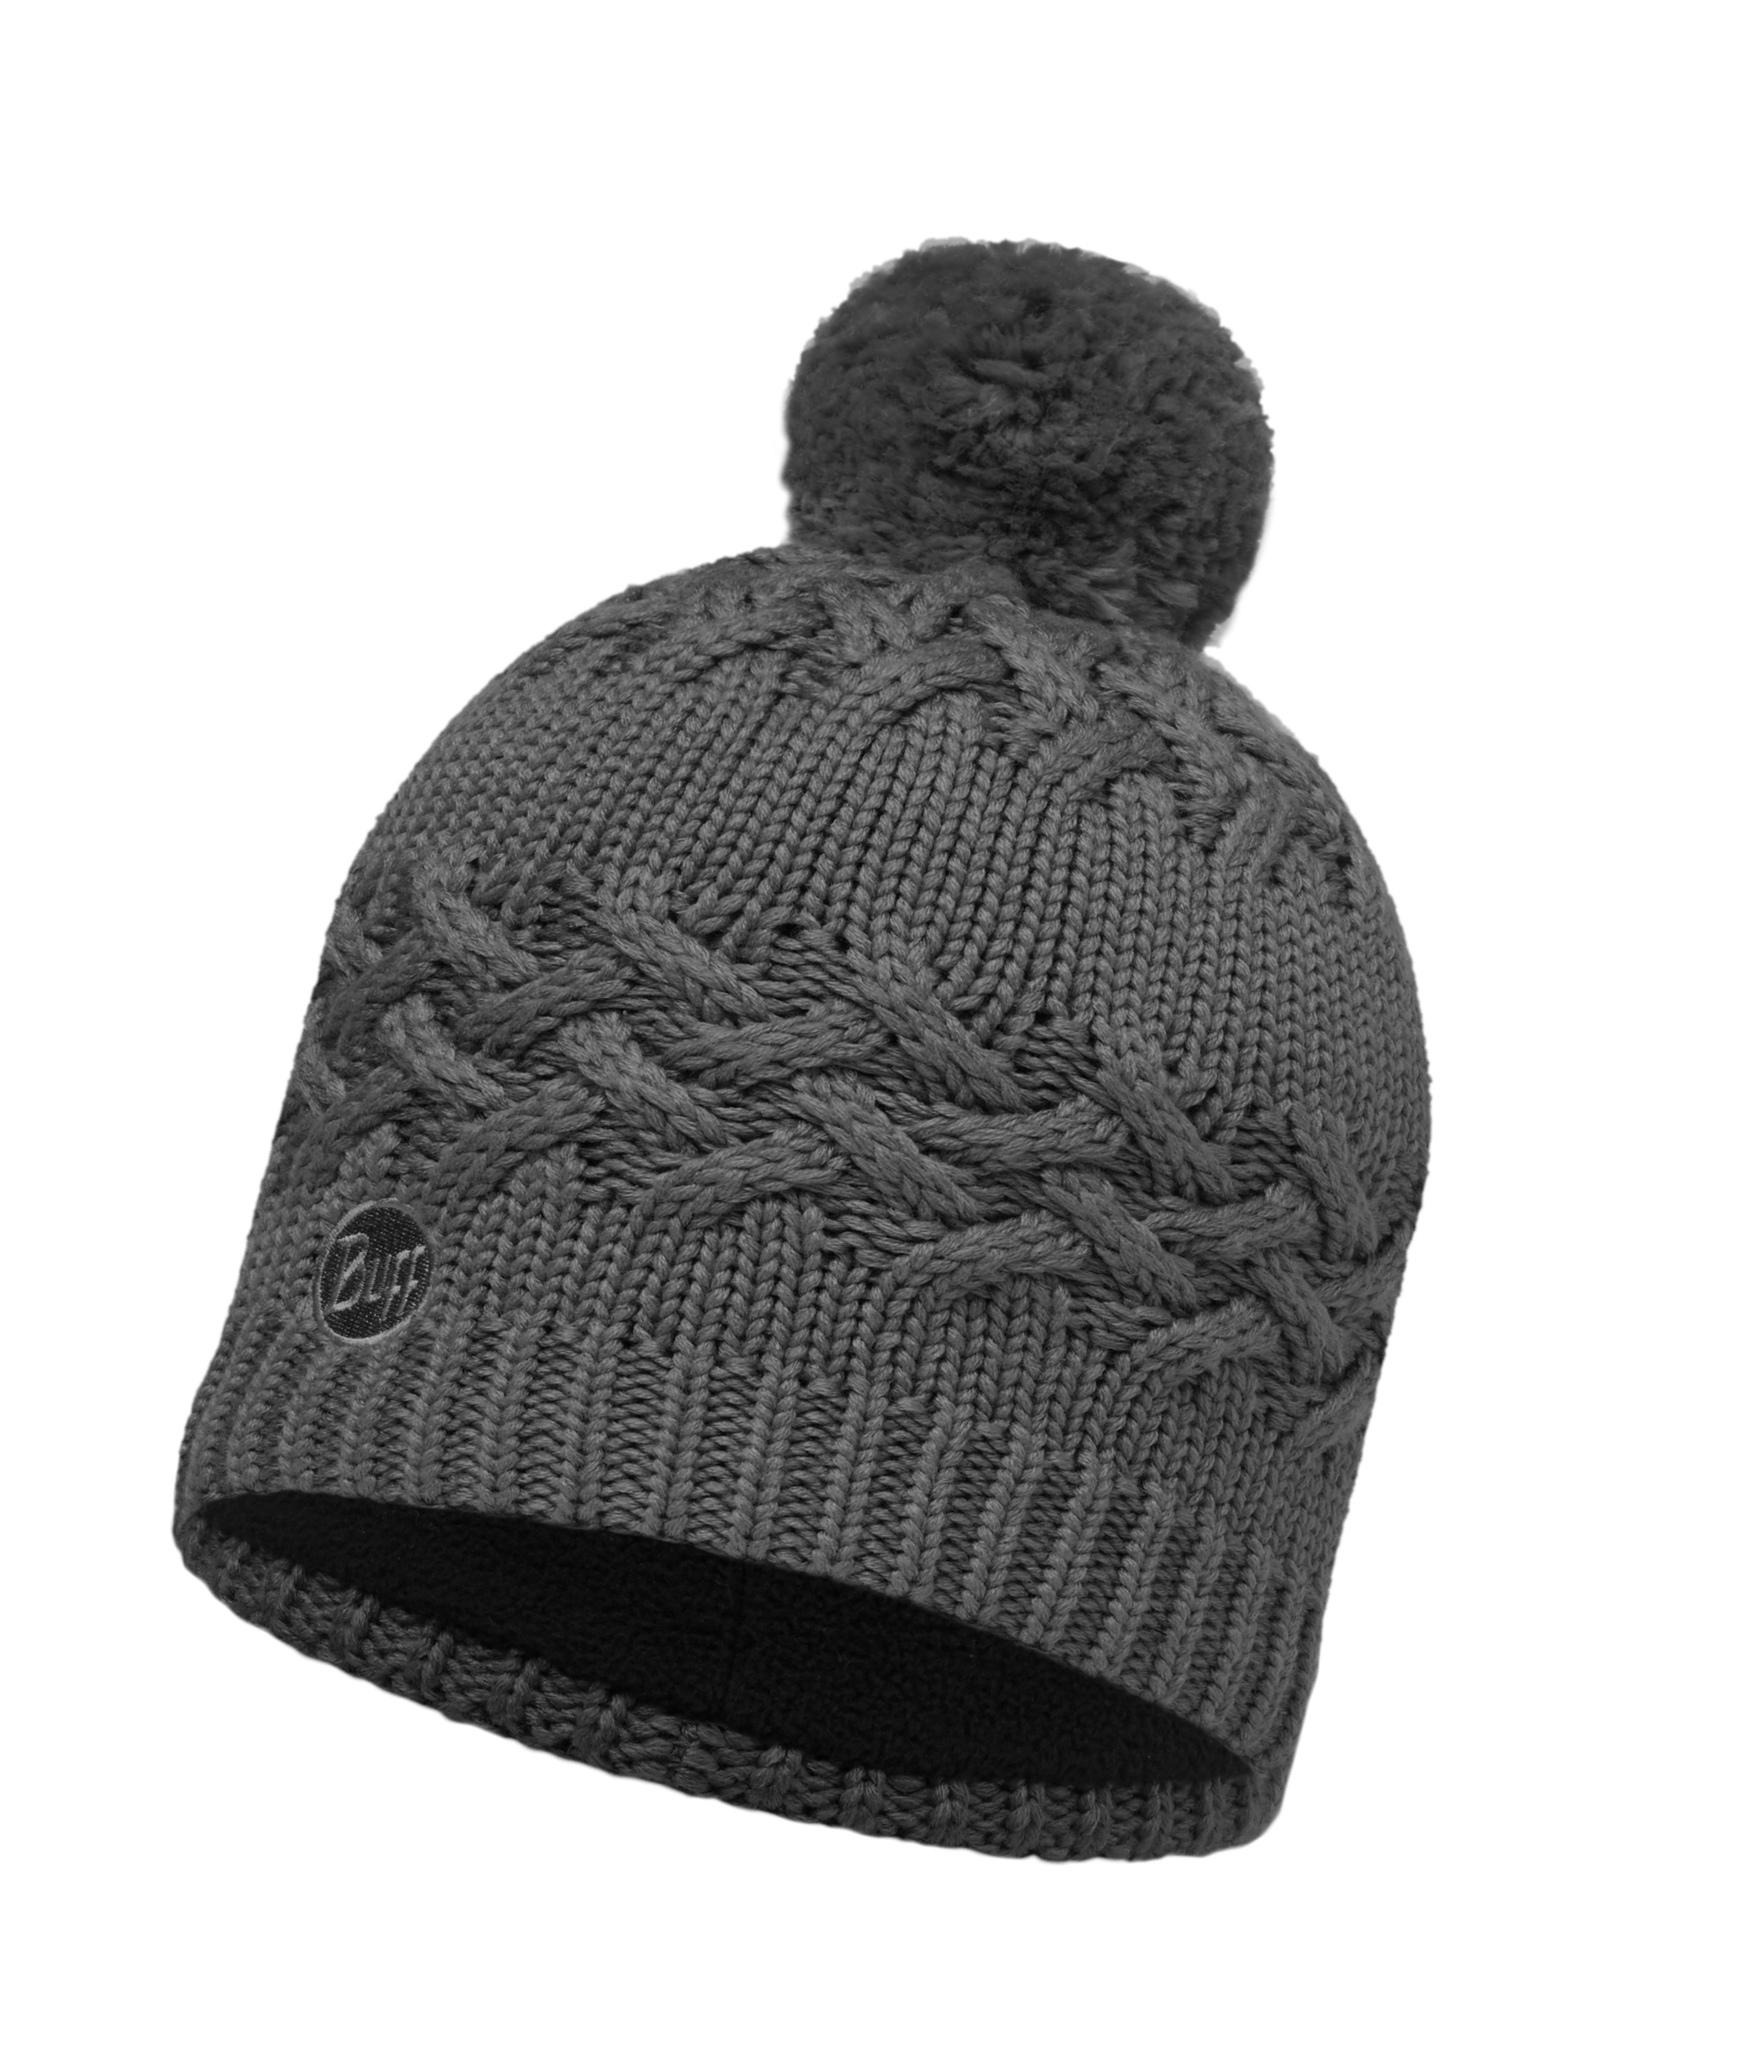 Шапки крупной вязки Вязаная шапка с флисовой подкладкой Buff Savva Grey Castlerock 111005.929.10.00.jpg